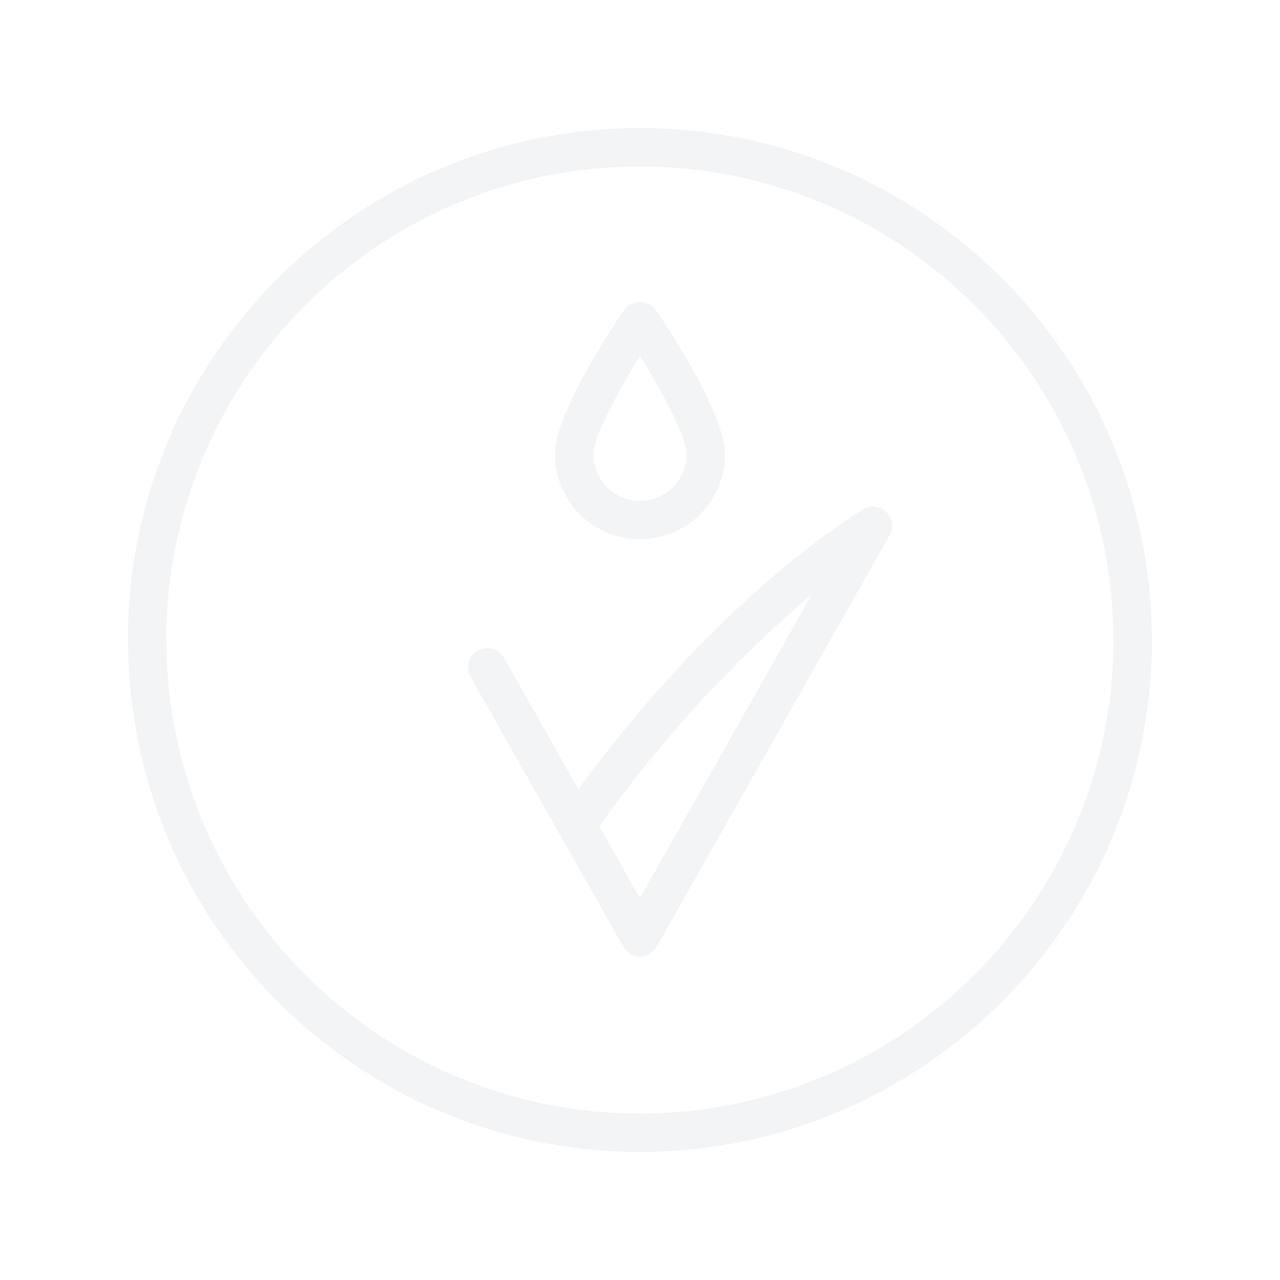 LOTTIE Weekender Wash Bag